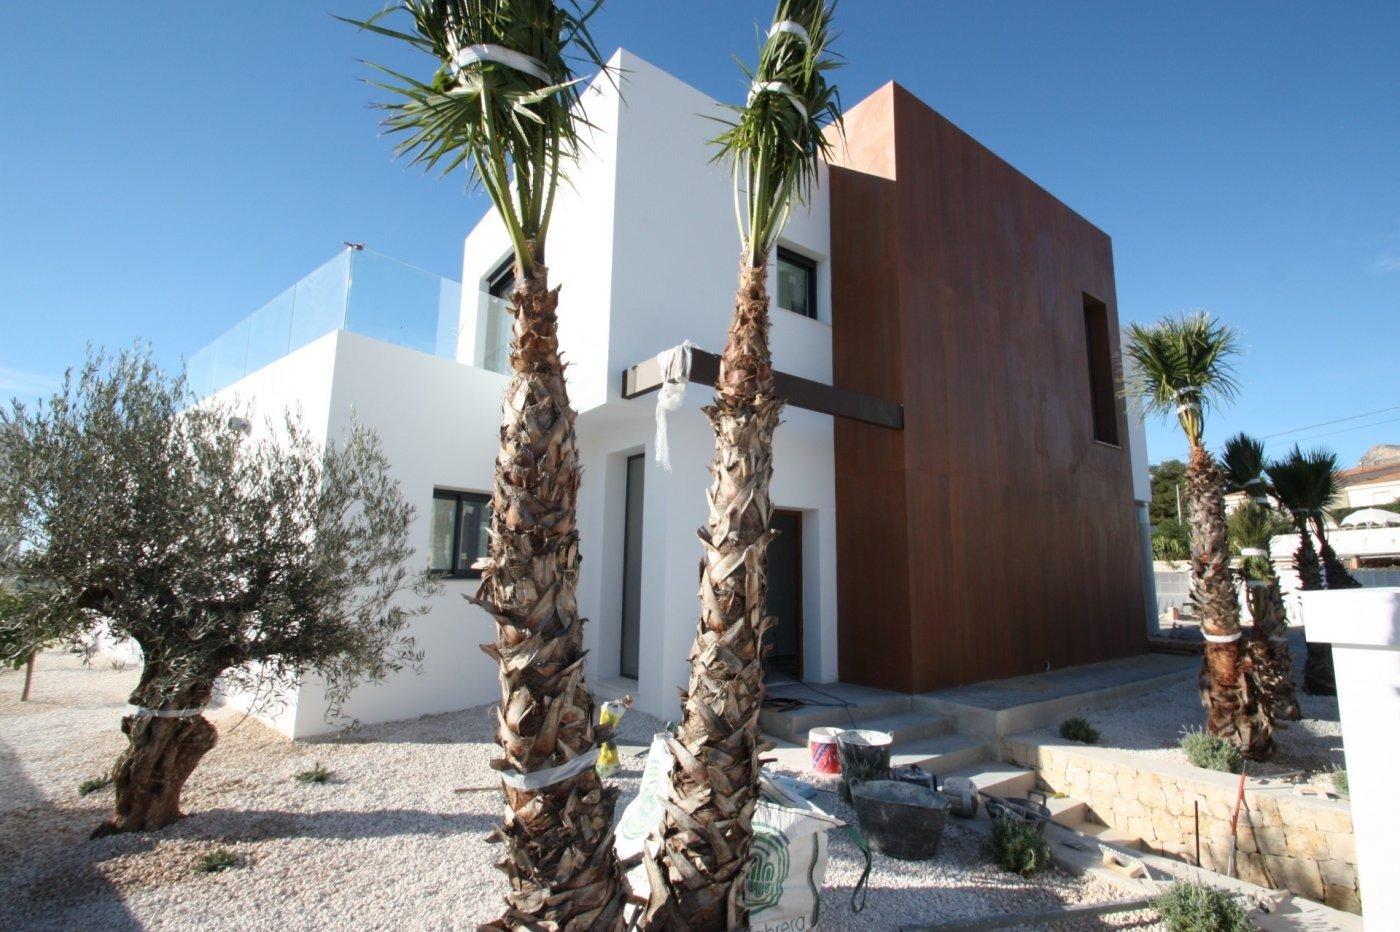 Villa de obra nueva de estilo moderno en venta en calpe a 600 m de la playa - imagenInmueble9